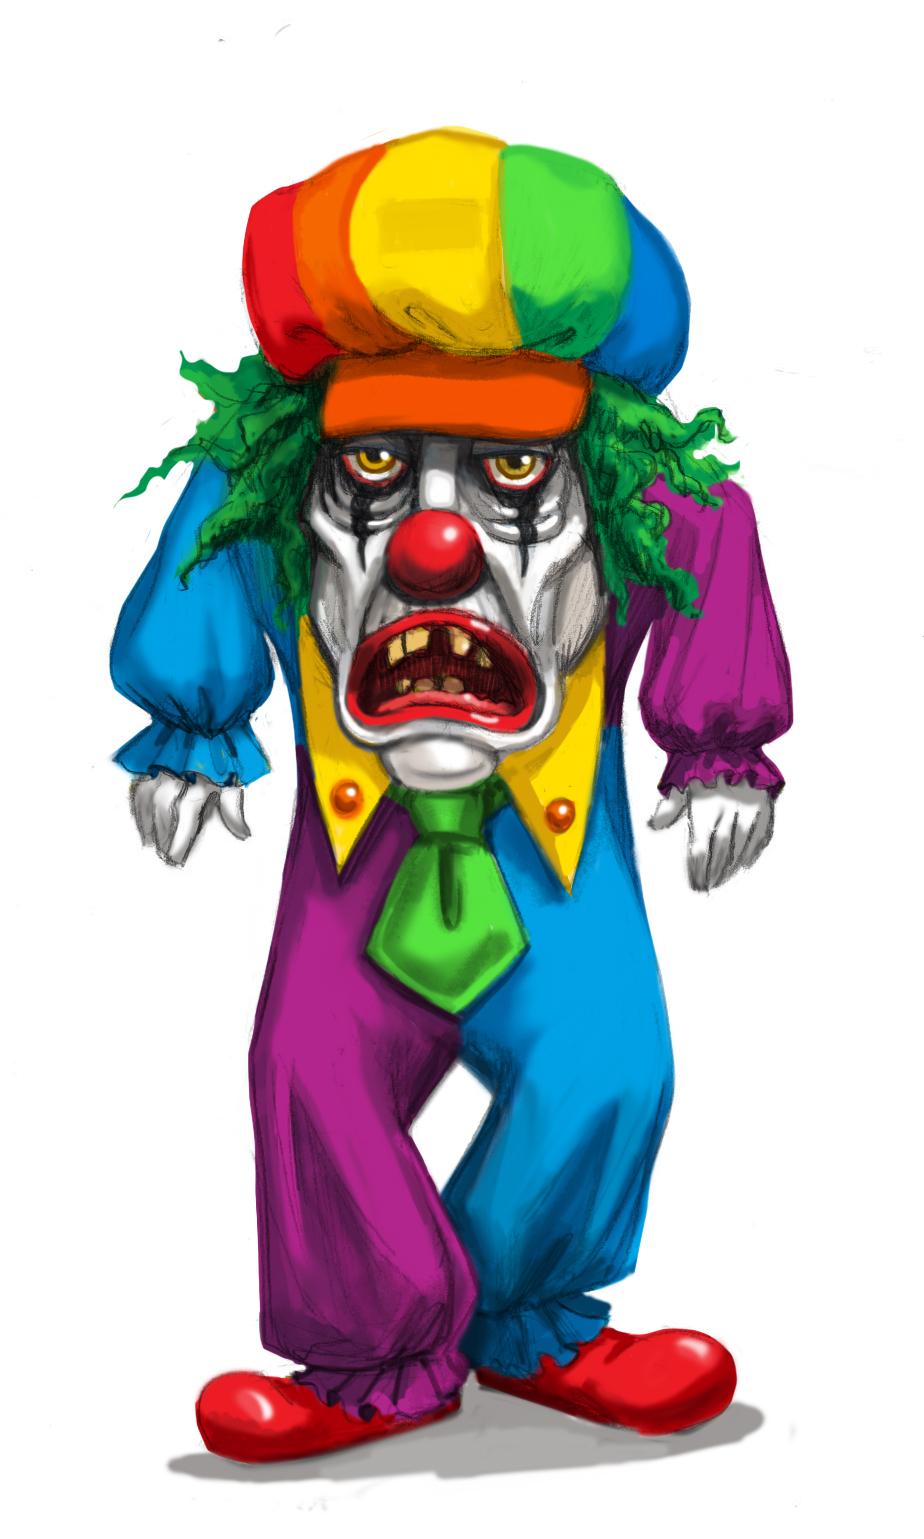 HaggardClownColor.jpg